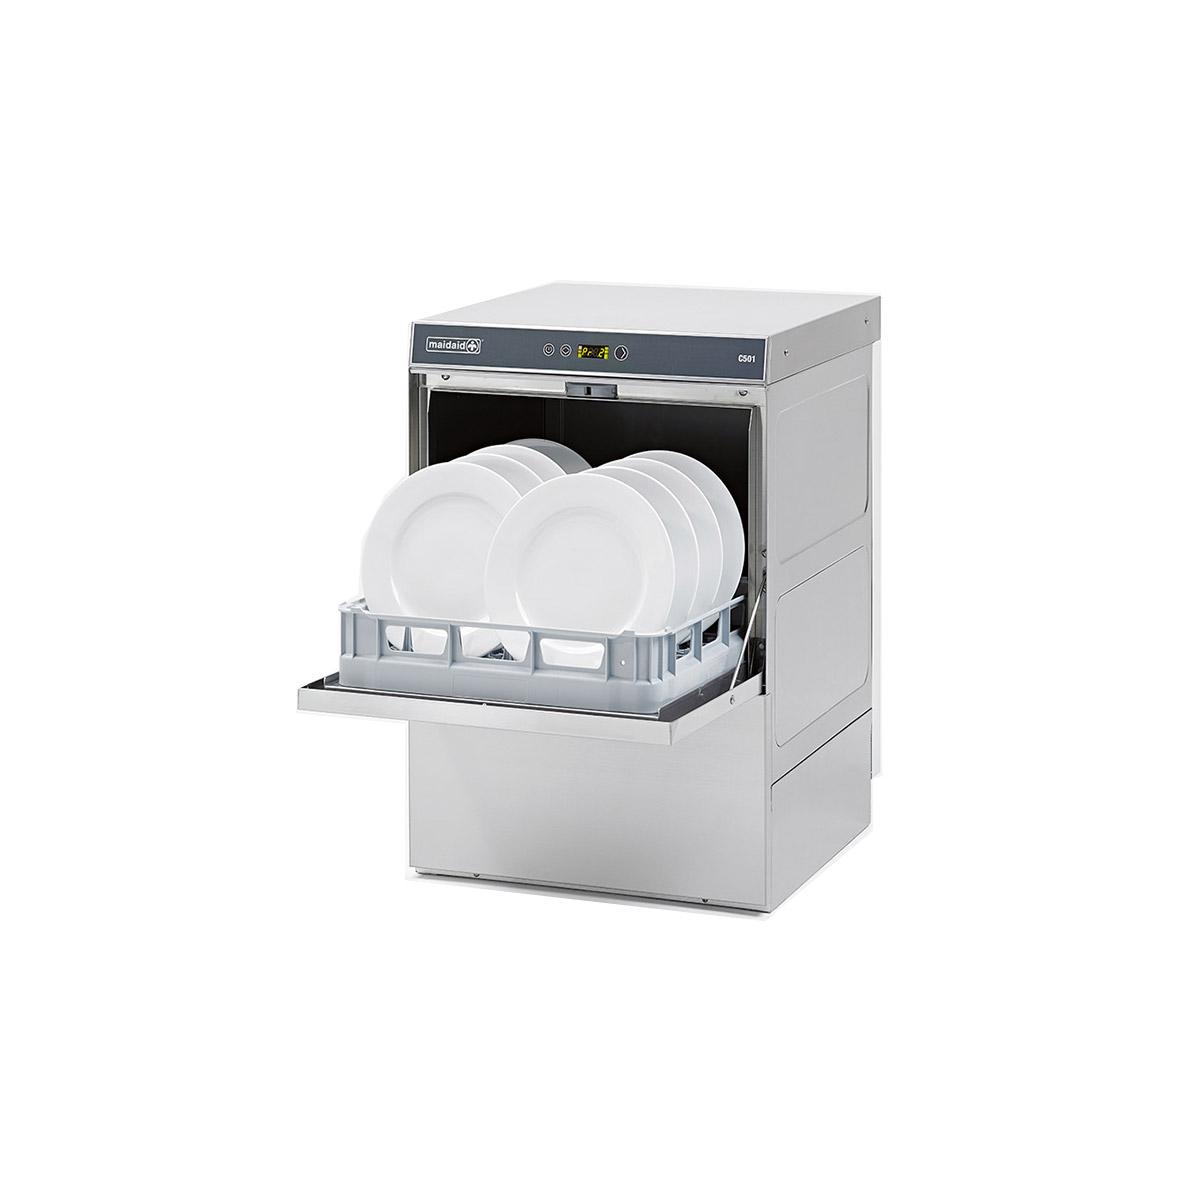 Maidaid Halcyon Dishwasher C501